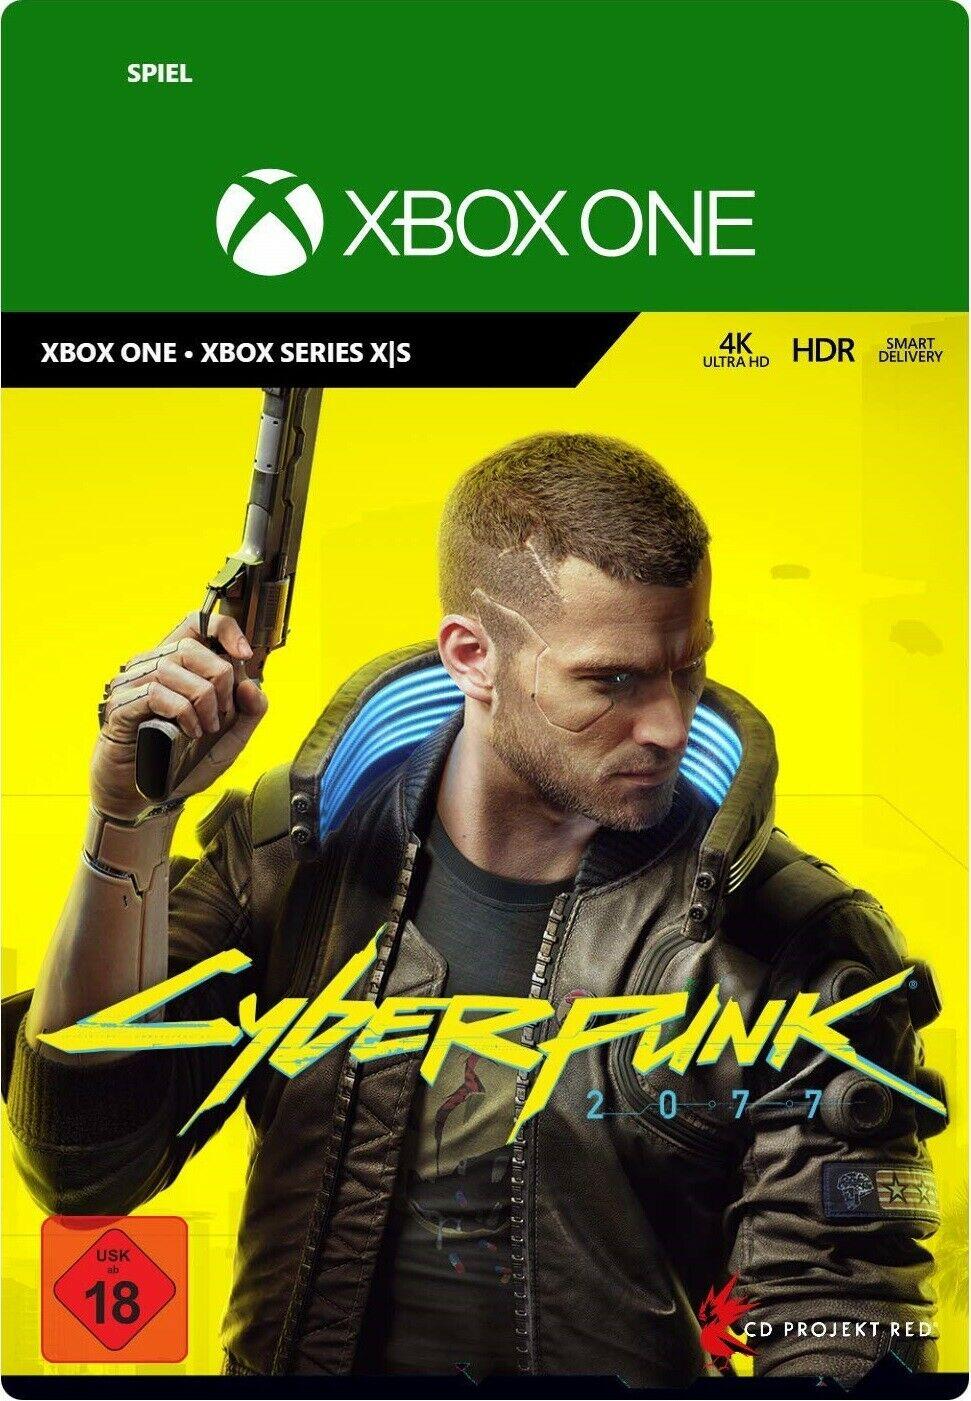 Cyberpunk 2077 sur Xbox One Series X & S - via VPN (Dématérialisé)